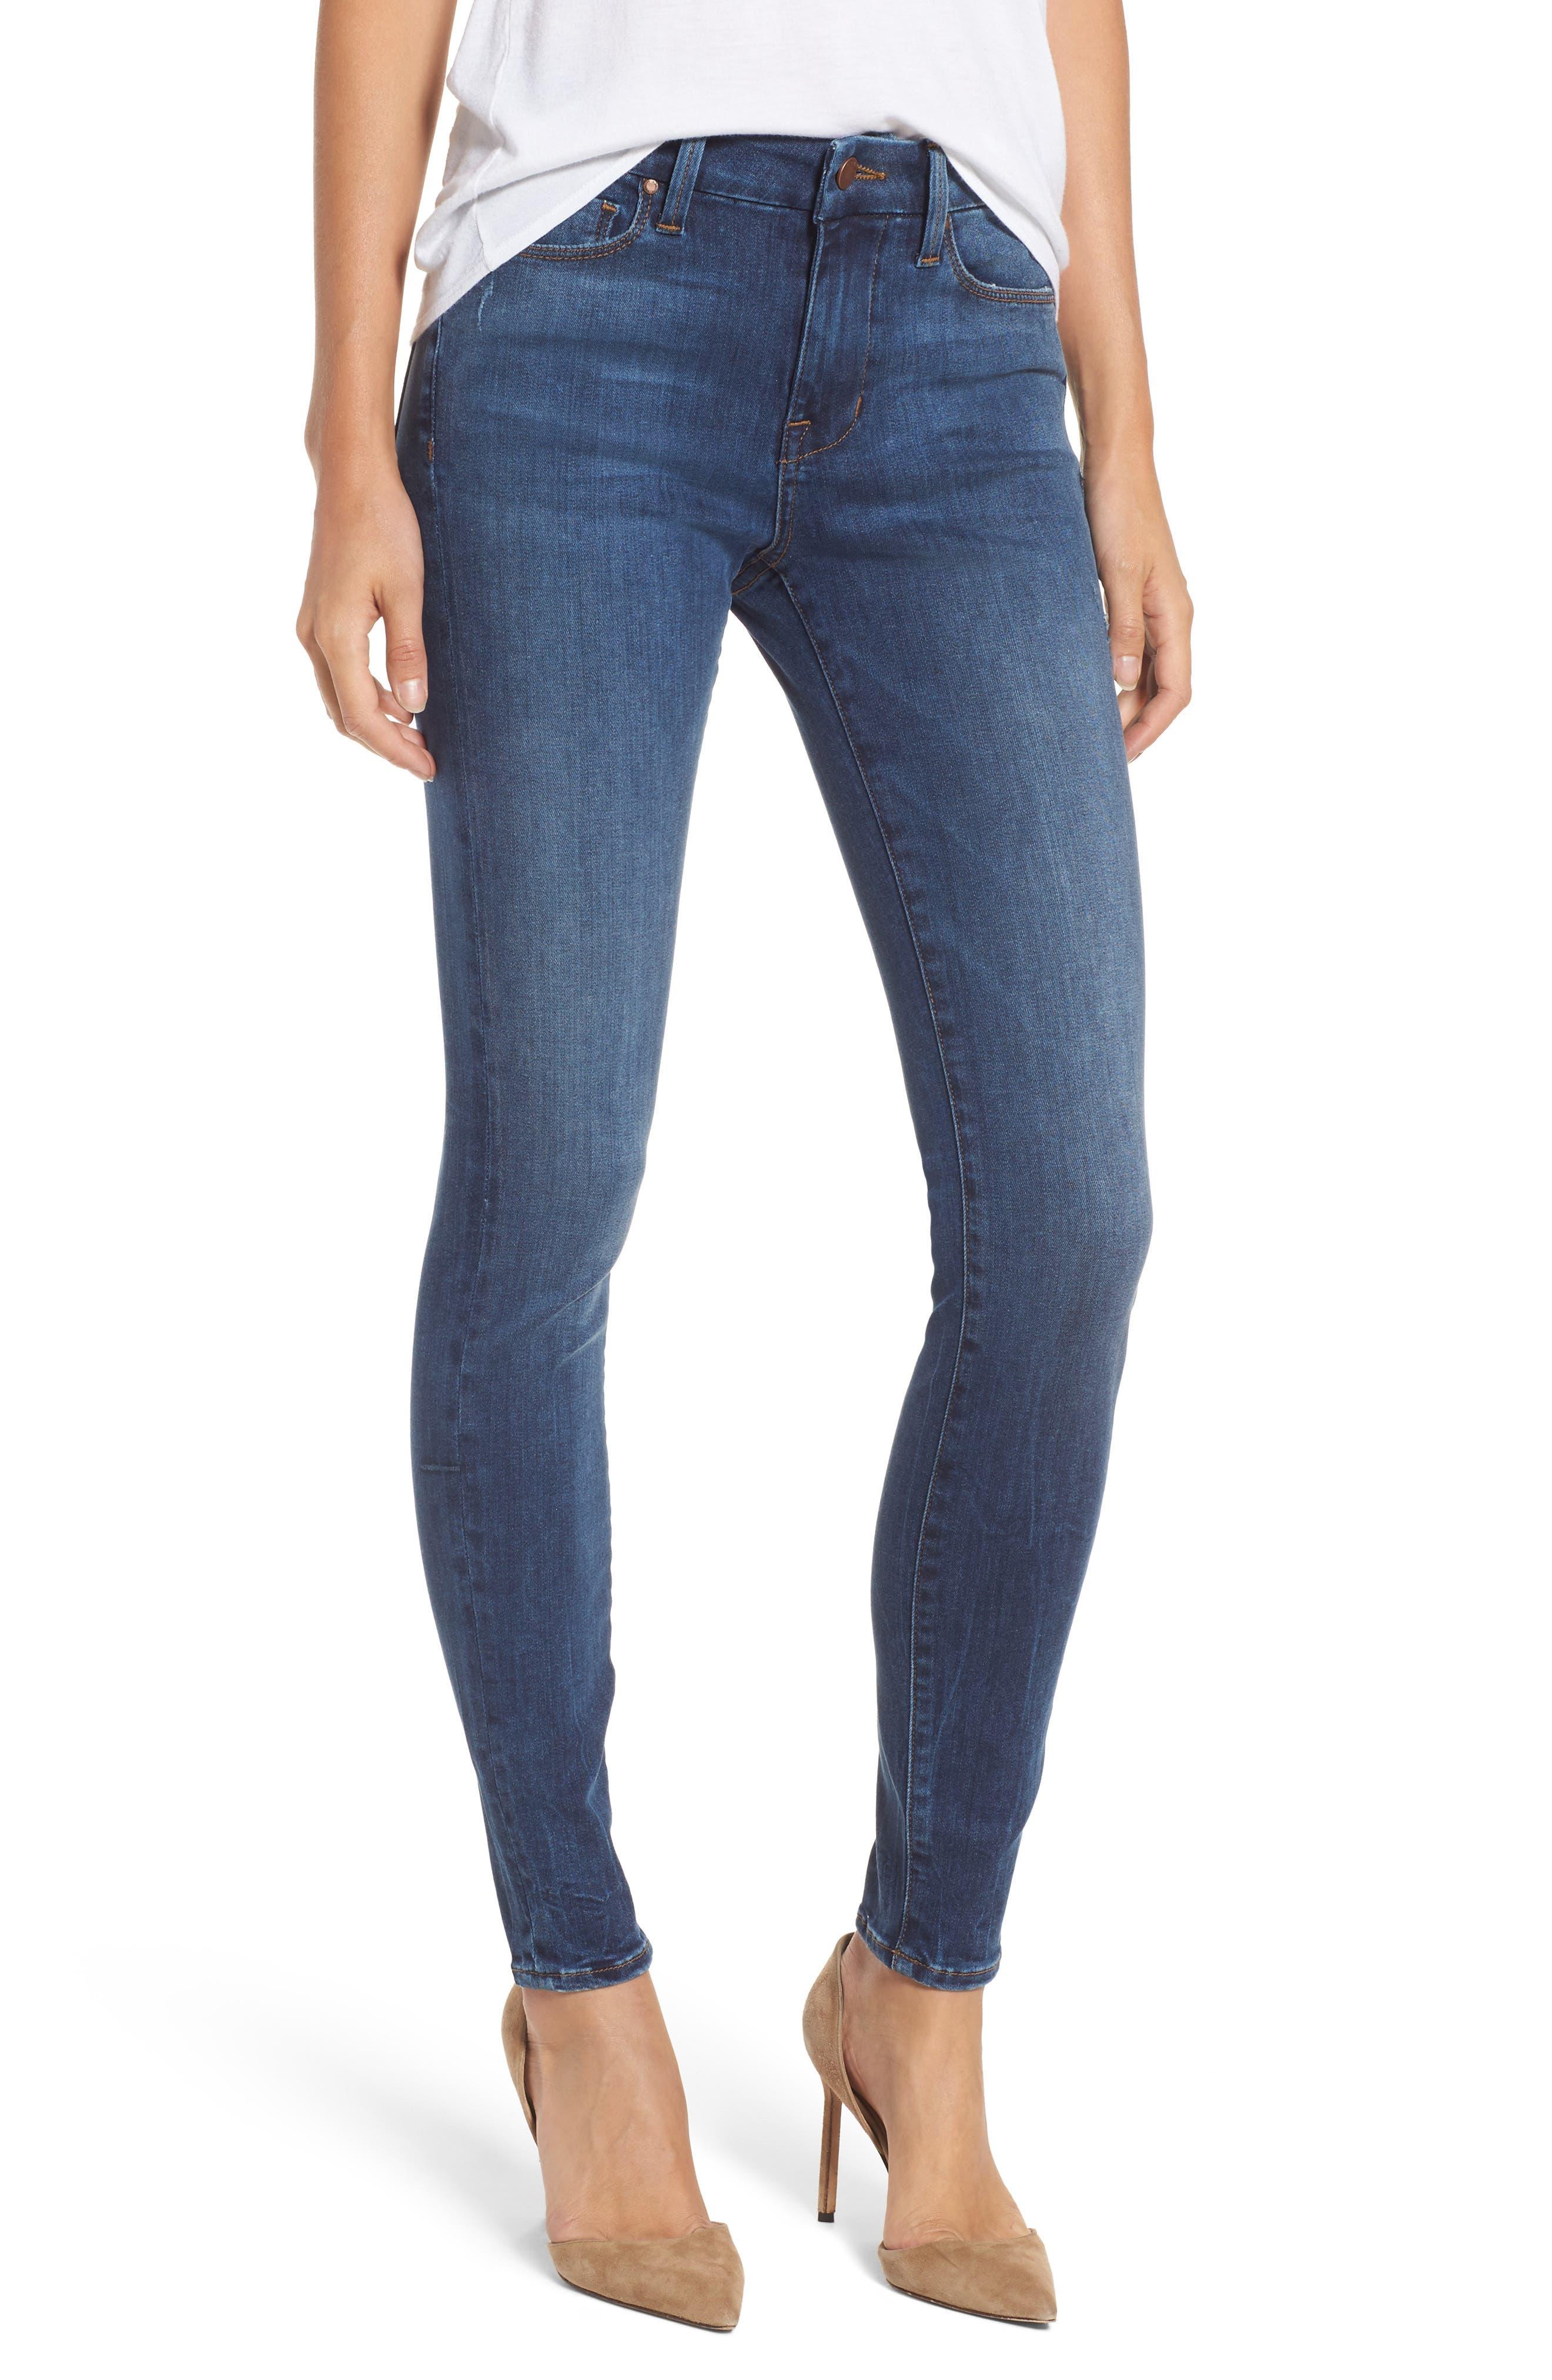 Alternate Image 1 Selected - Fidelity Denim Belvedere Skinny Jeans (Vintage Blue)